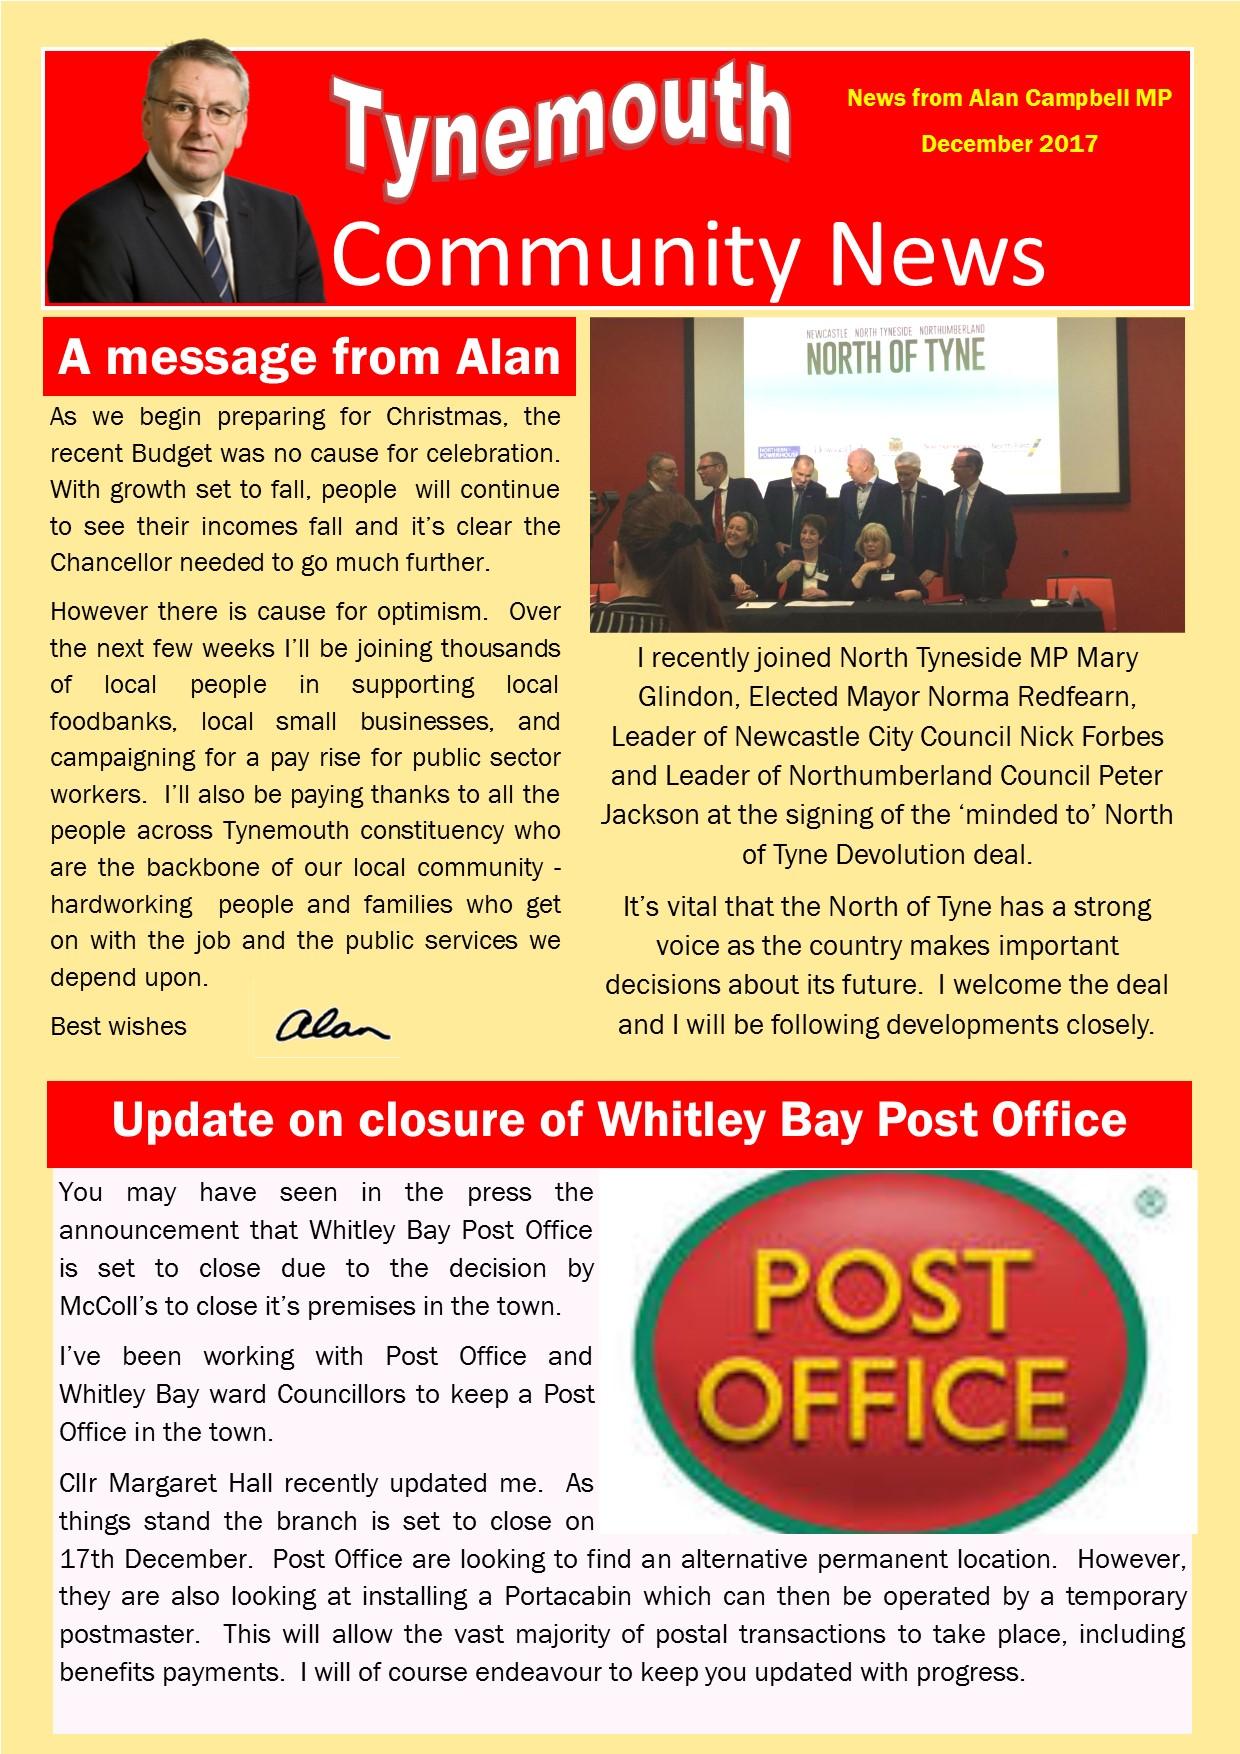 Alan_Campbell_MP_-_Community_News_-_December_2017.jpg